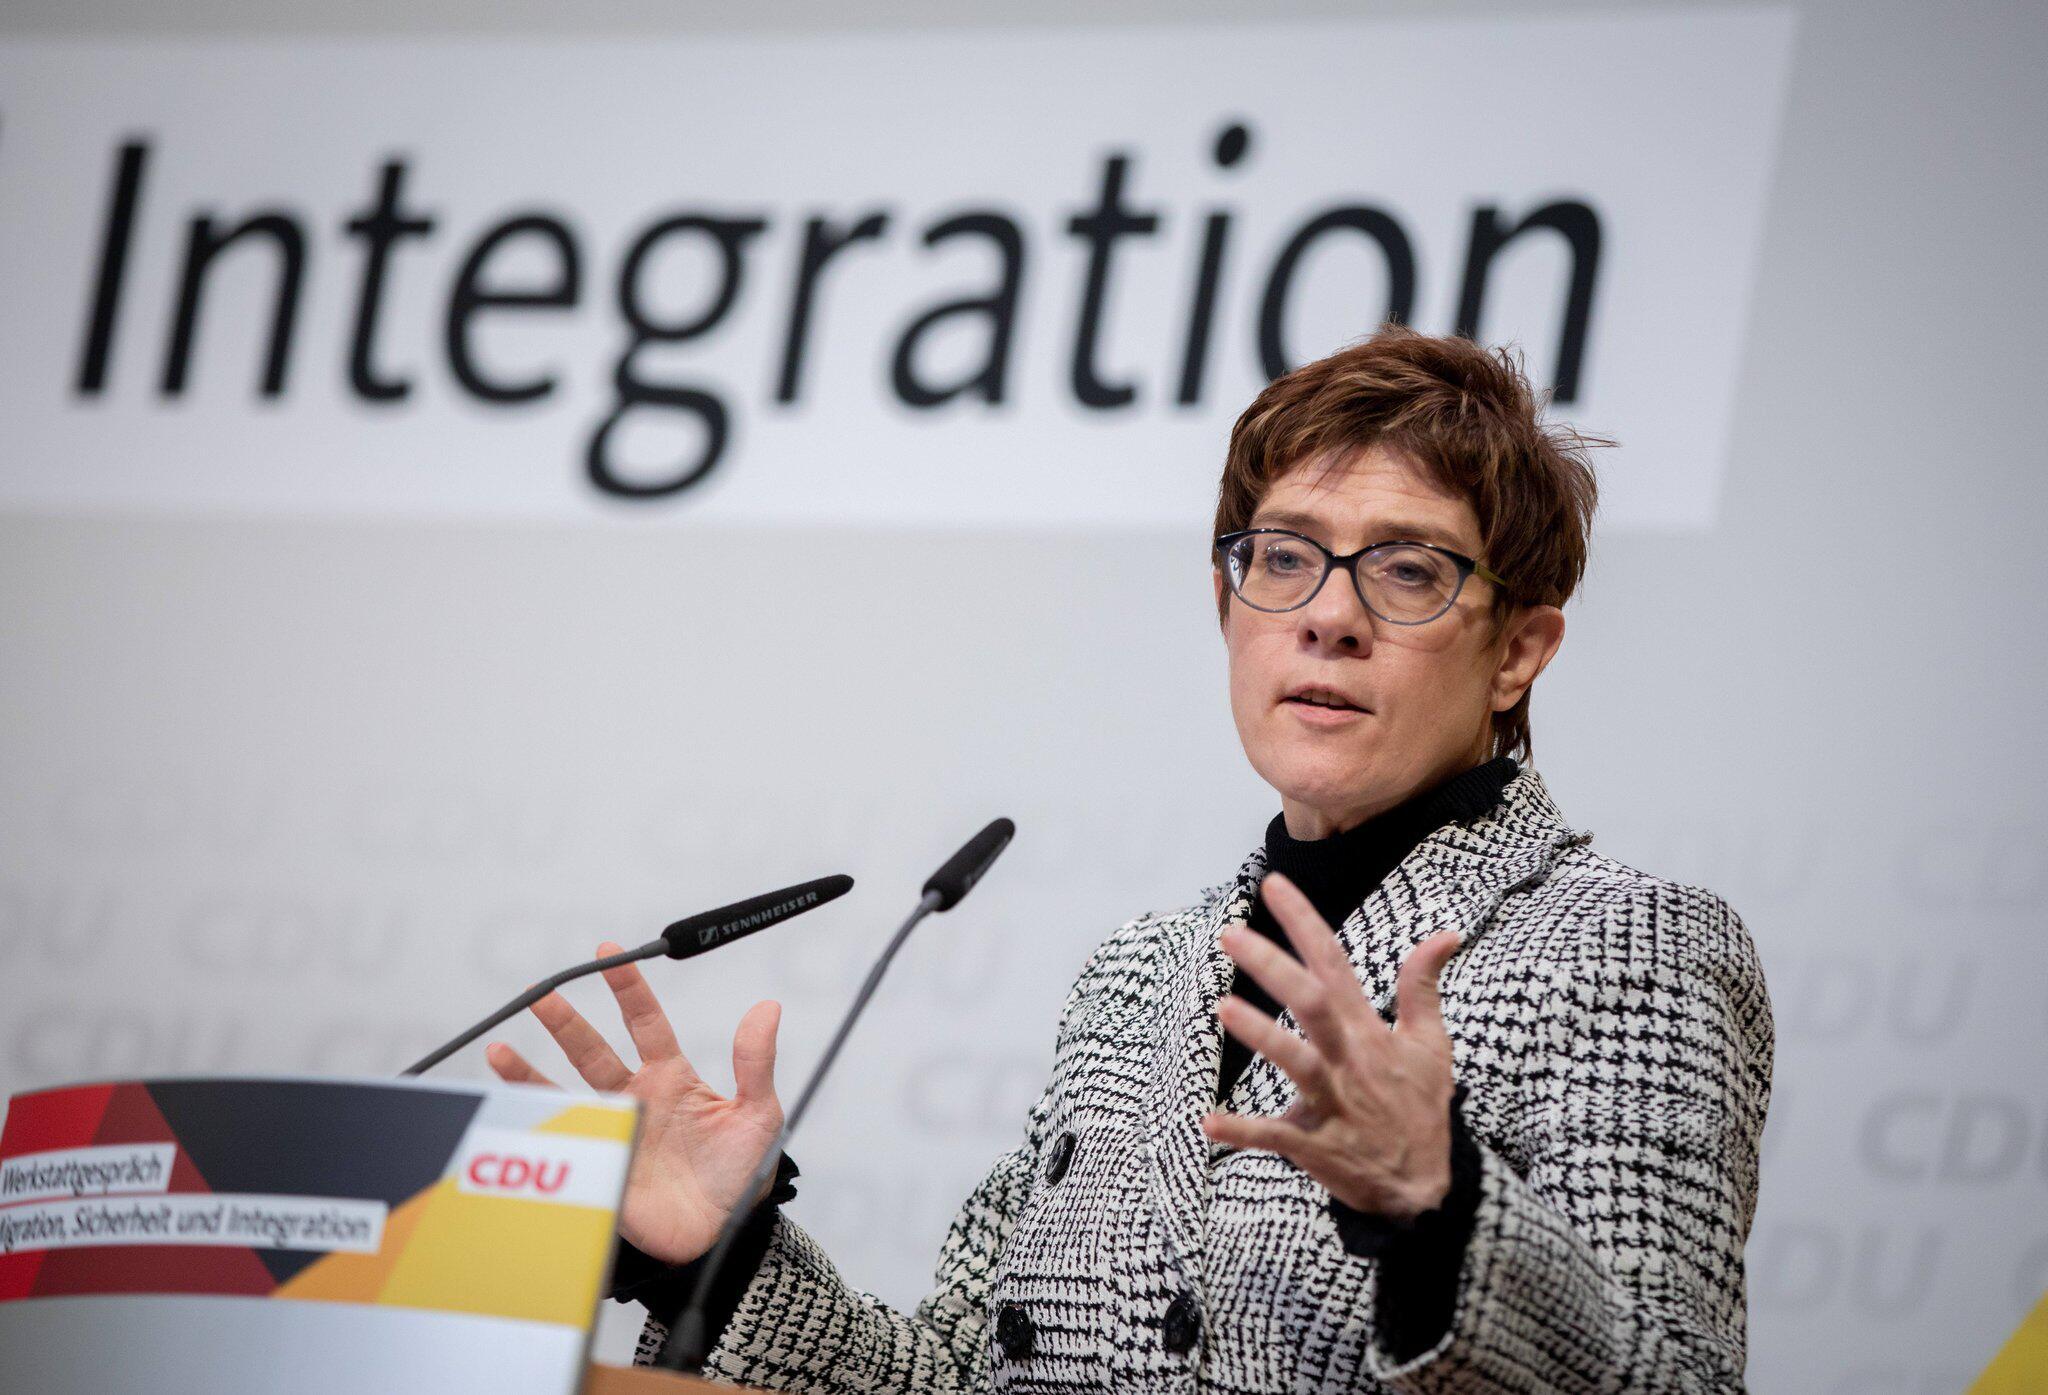 """Bild zu Abschluss """"Werkstatt-Gespräch"""" der CDU"""